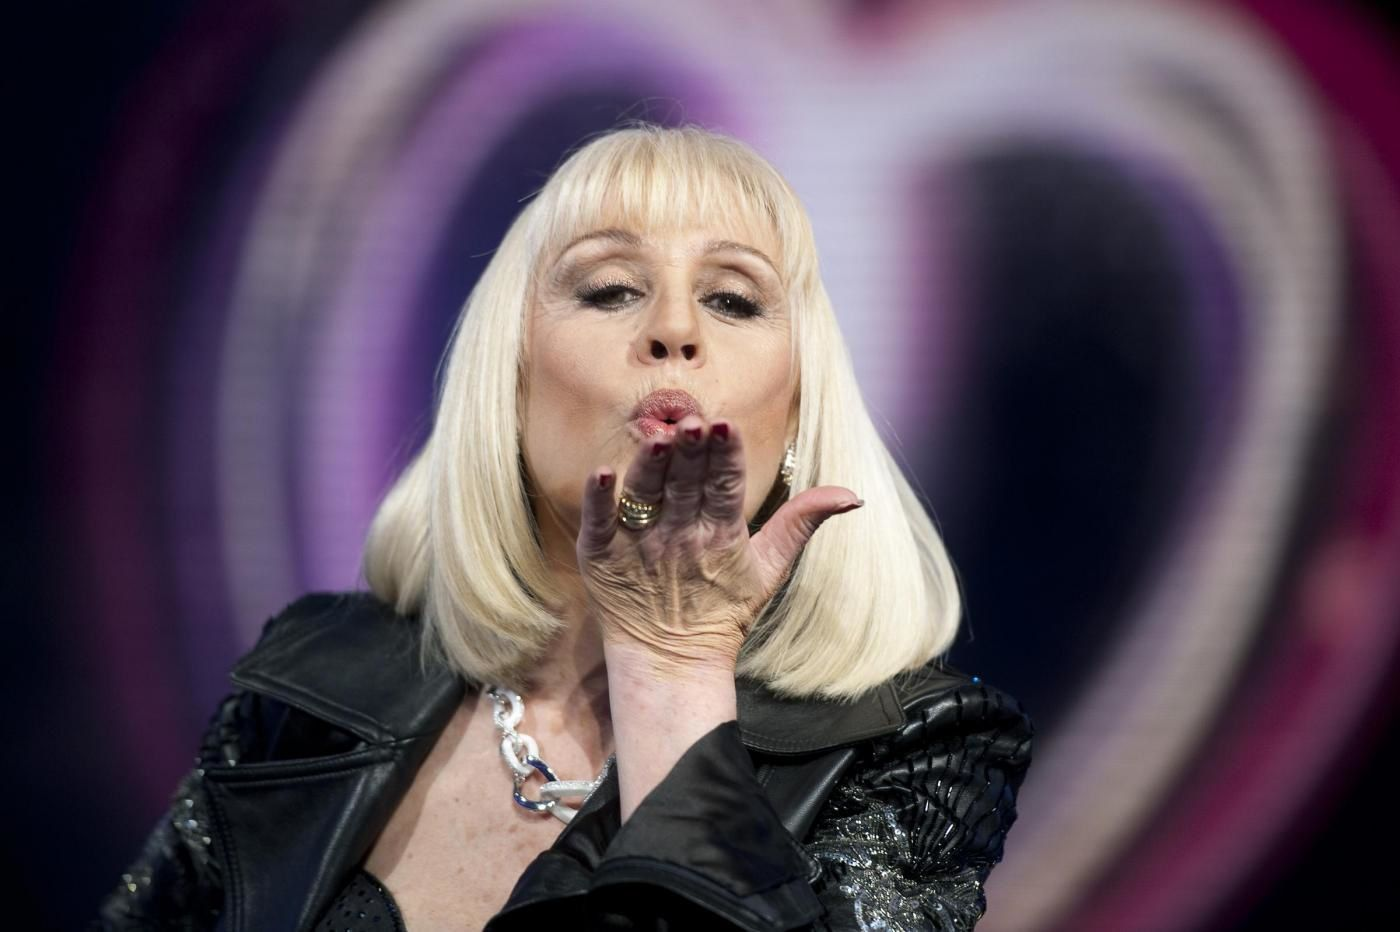 raffaela carra, une chanteuse, actrice et présentatrice italienne, elle devient une icône de la culture pop et des milieux gays